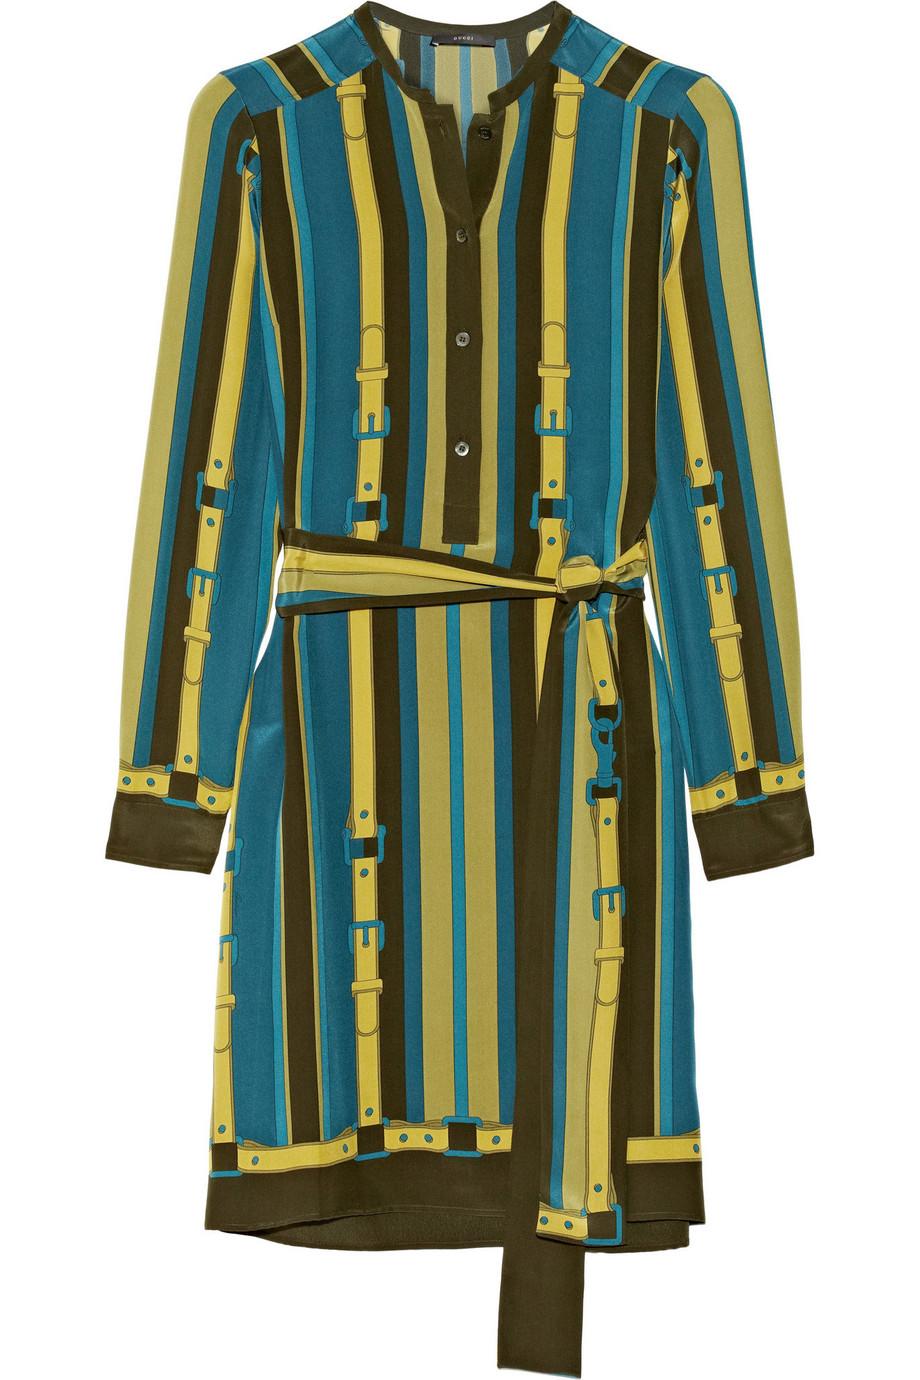 Gucci Printed Silk Crepe De Chine Dress, Size: 42